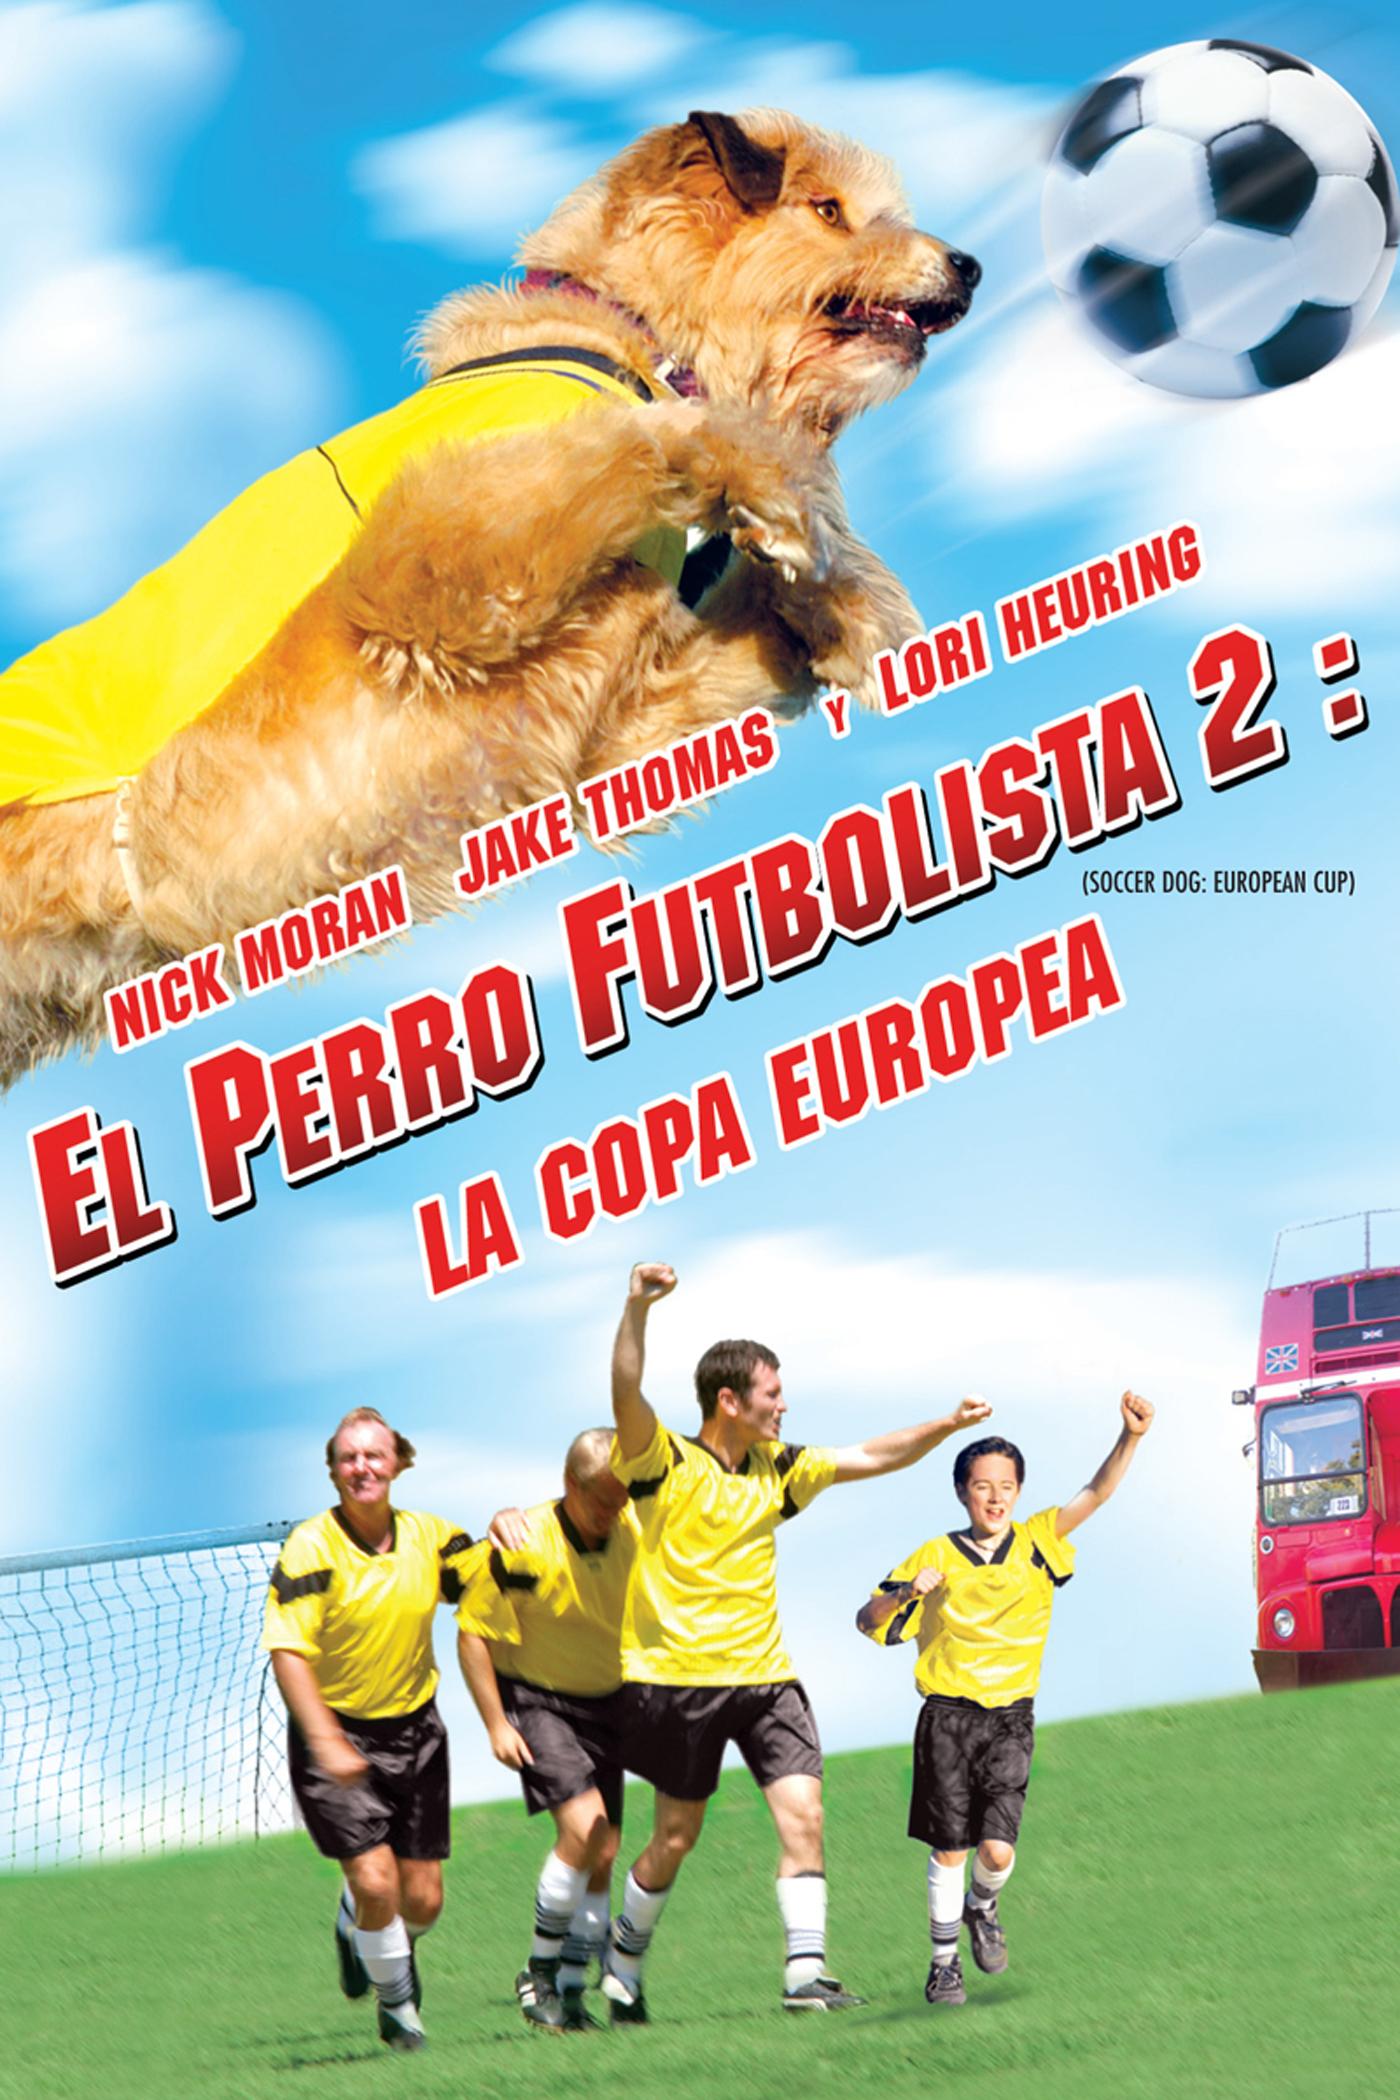 El perro futbolista: la copa europea